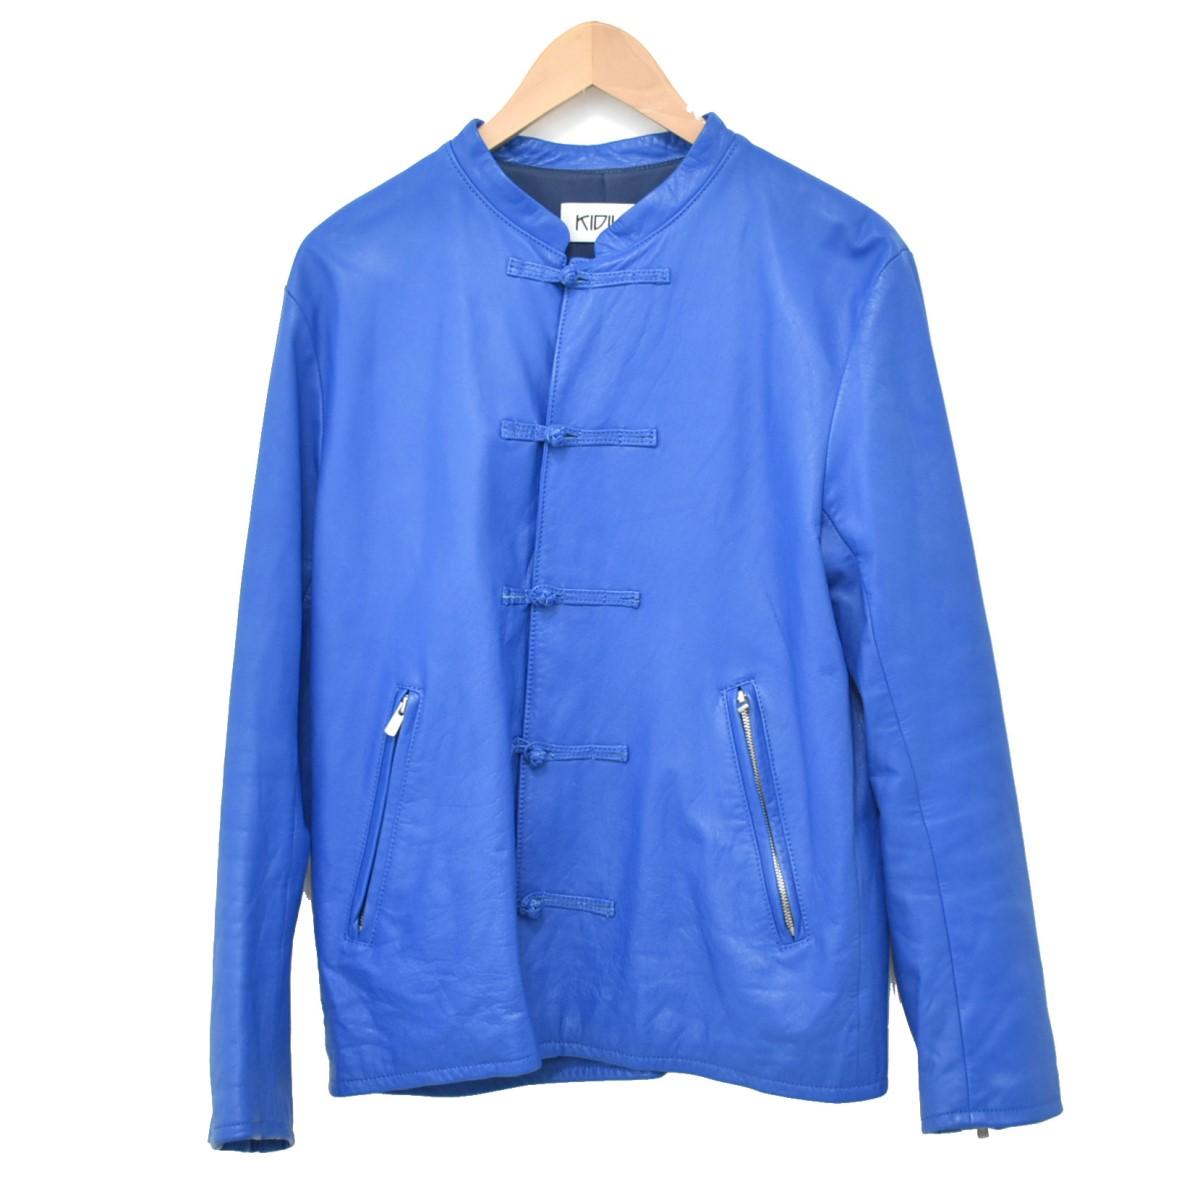 【中古】KIDILL レザーチャイナジャケット ブルー サイズ:46 【070520】(キディル)